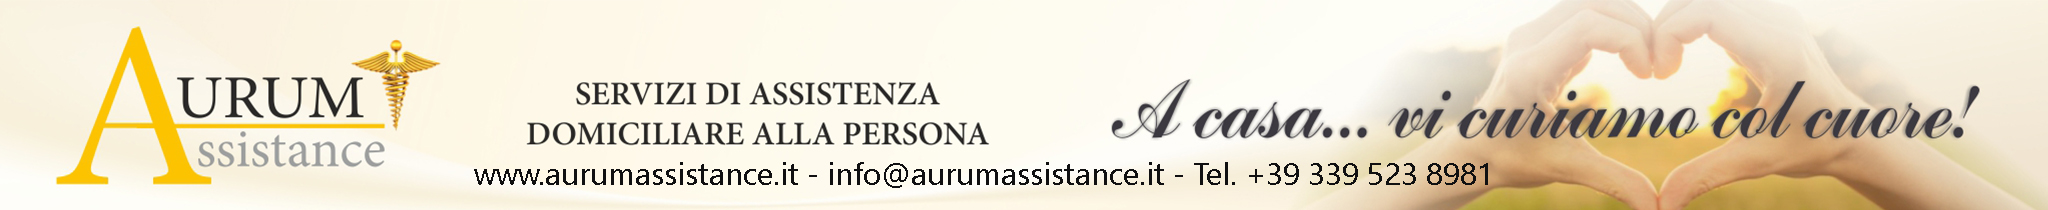 Aurum Assistance servizi domiciliari alla persona milano e provincia